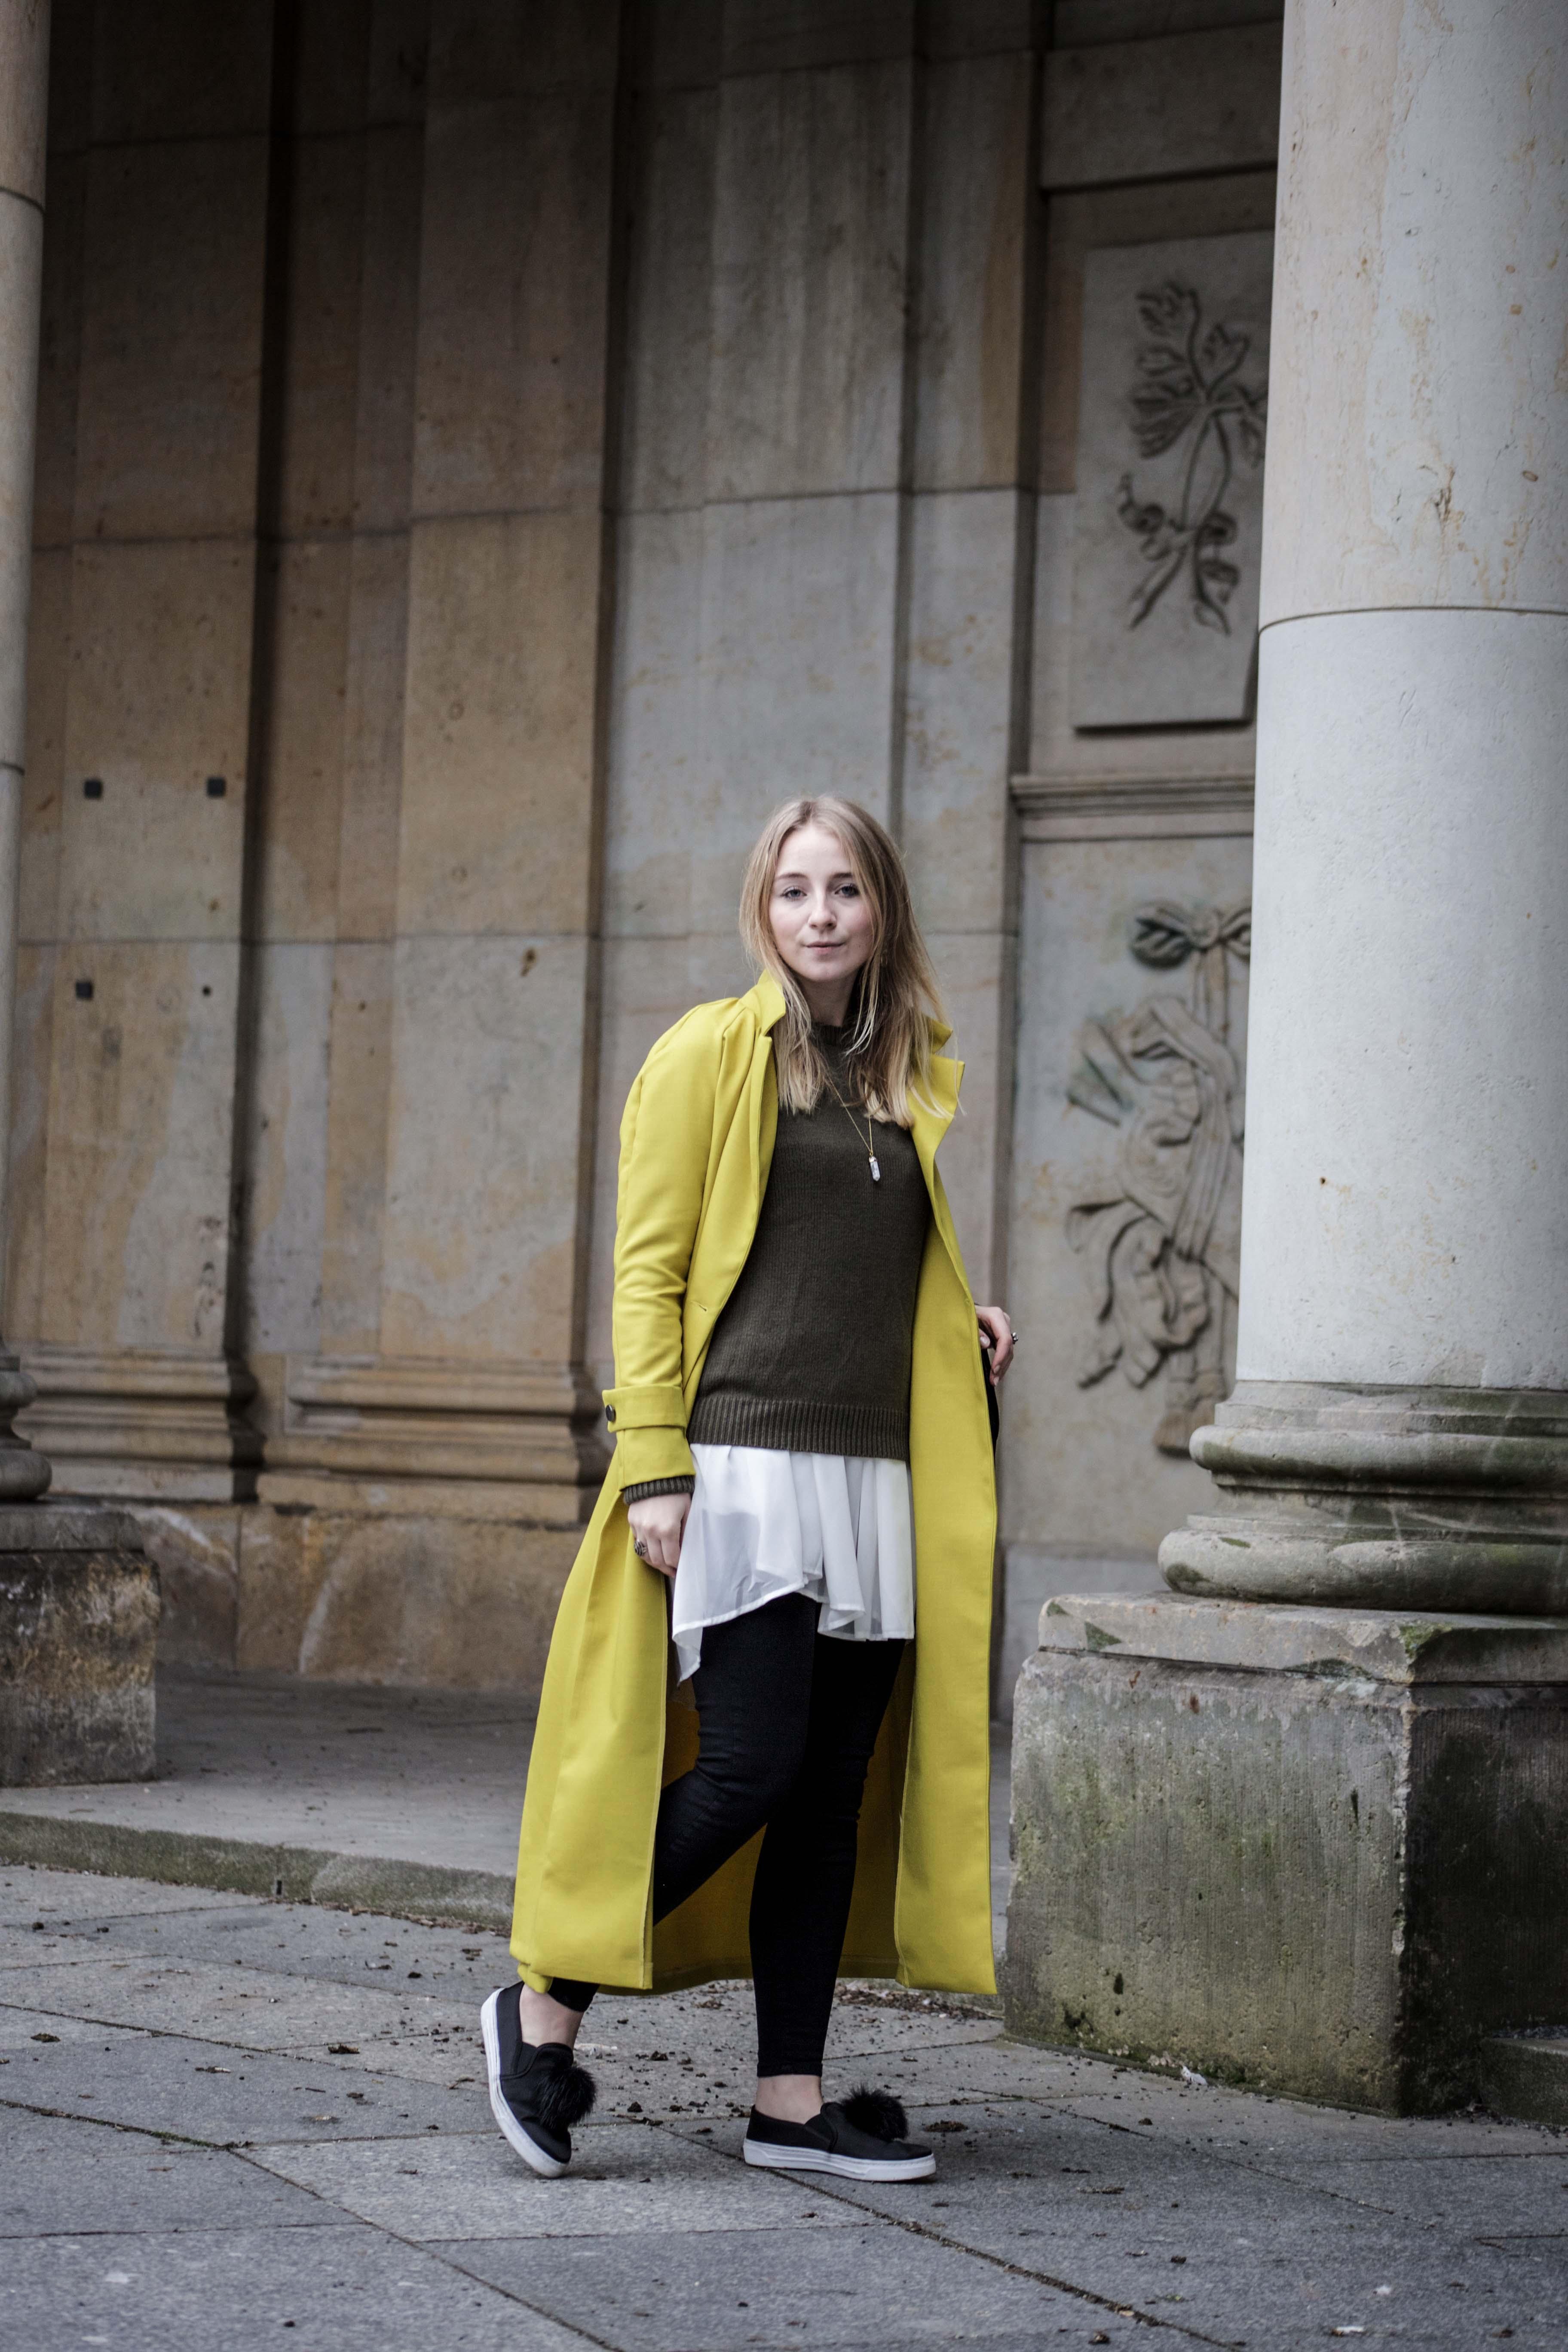 gelber-trenchcoat-frühling-outfit-sommer-fashionblog-modeblog_6344